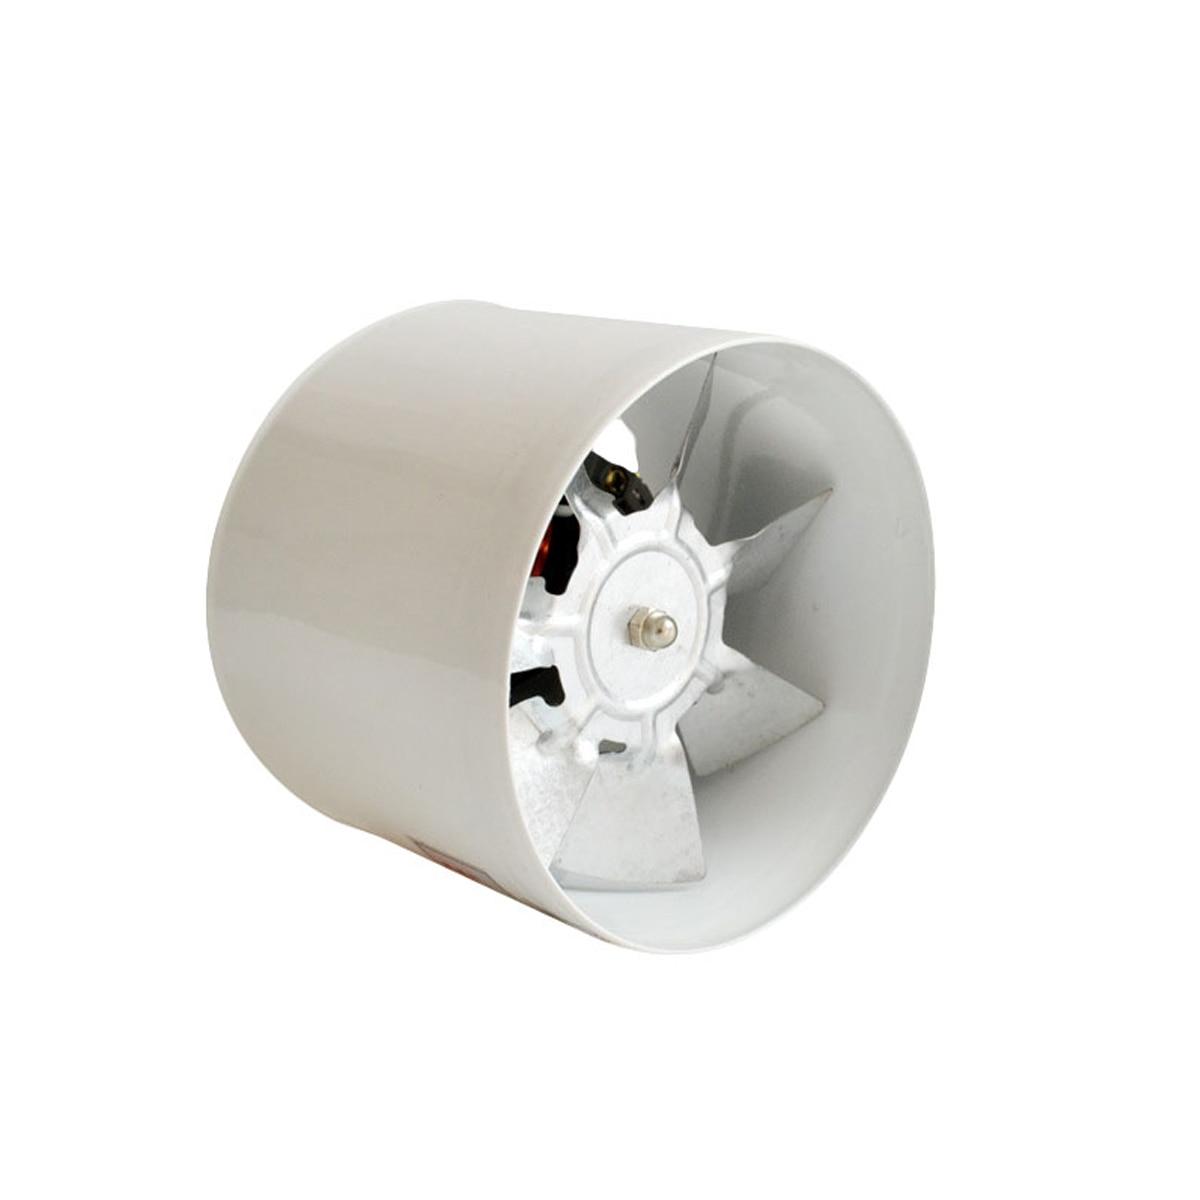 100MM Wall Mount Bathroom Kitchen Pipe Exhaust Fan Ventilation Blower Air Fresh Ejector Fan